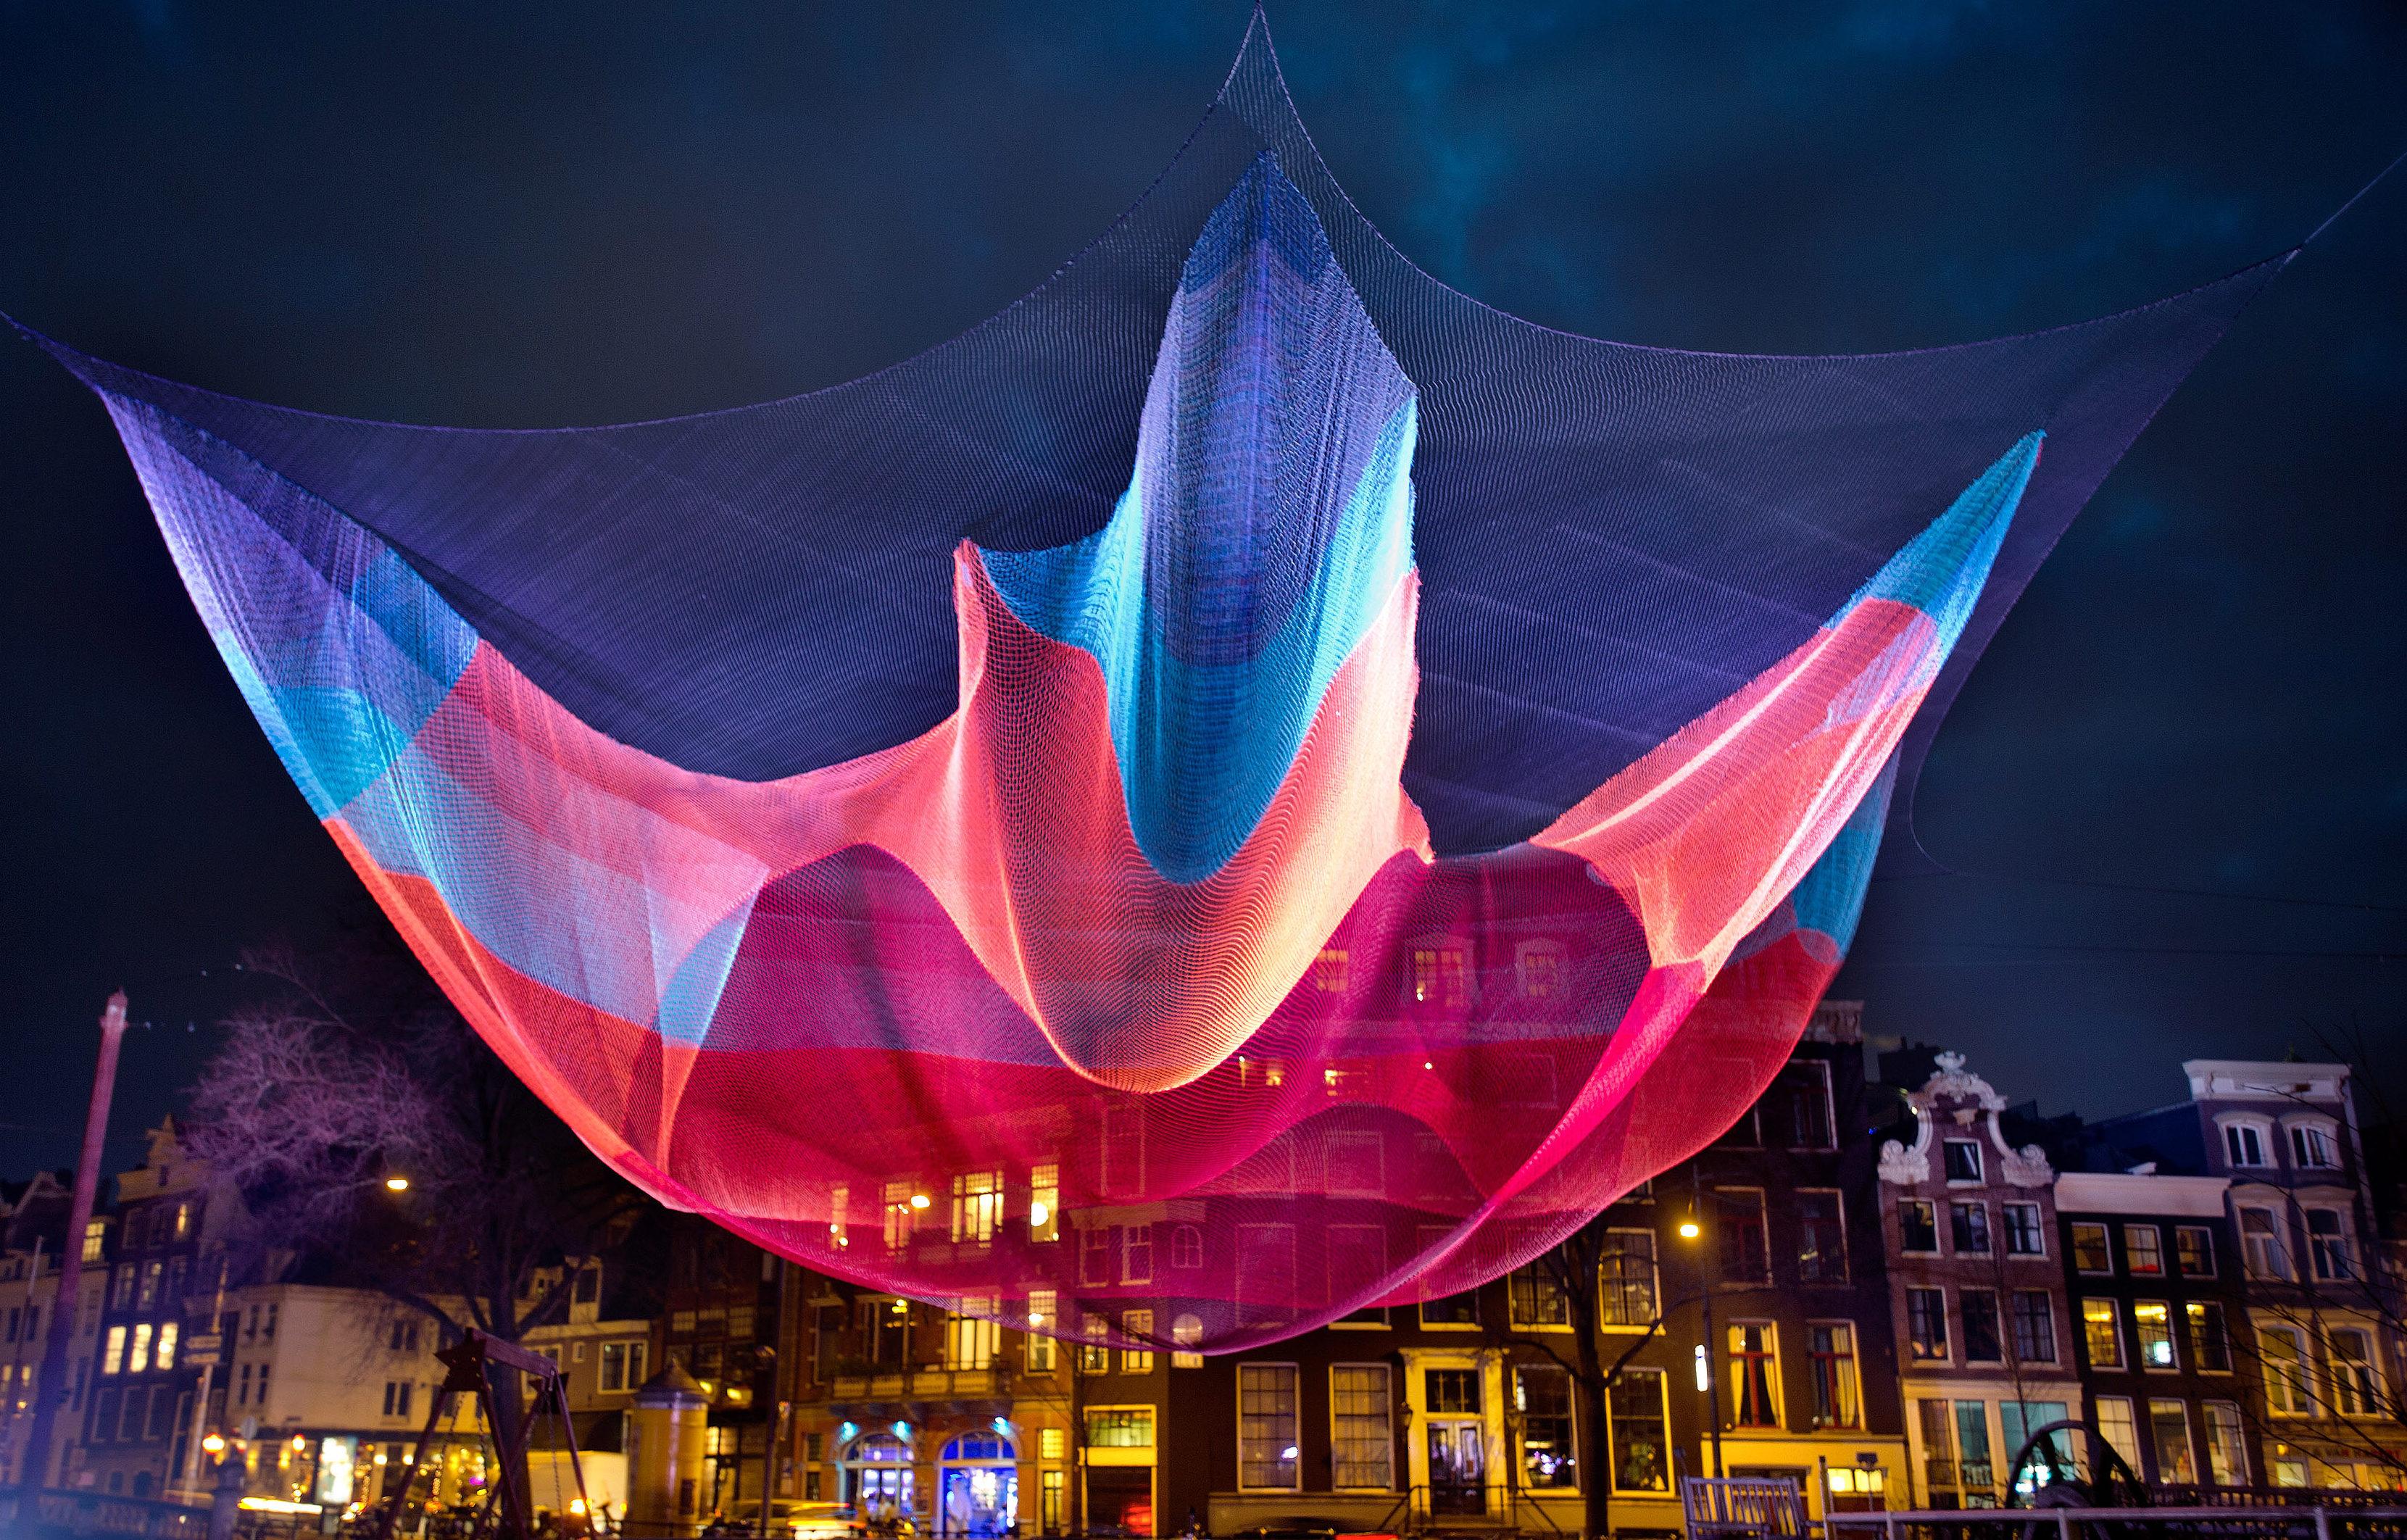 Календарь событий 2019: самые яркие праздники и фестивали